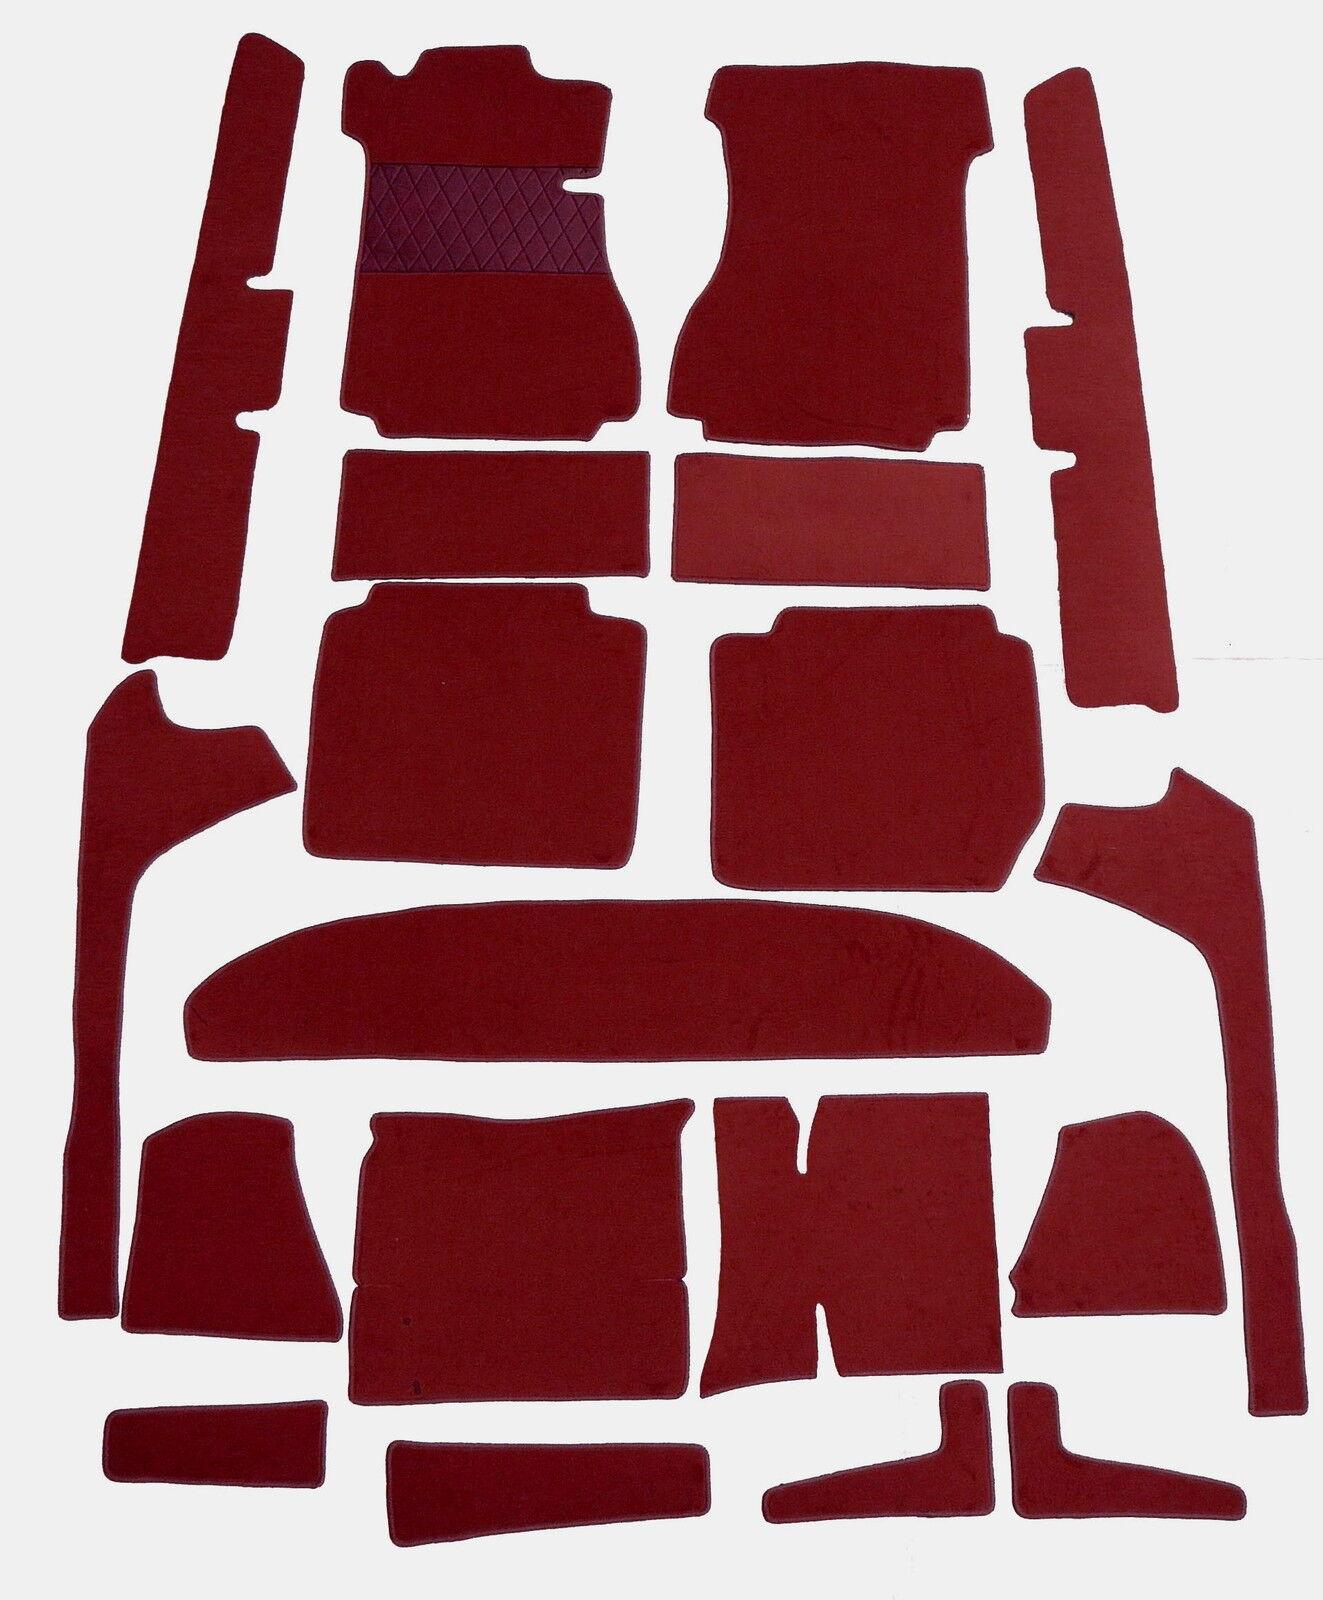 Kompl Teppich satz für Mercedes W115 8 Limousin